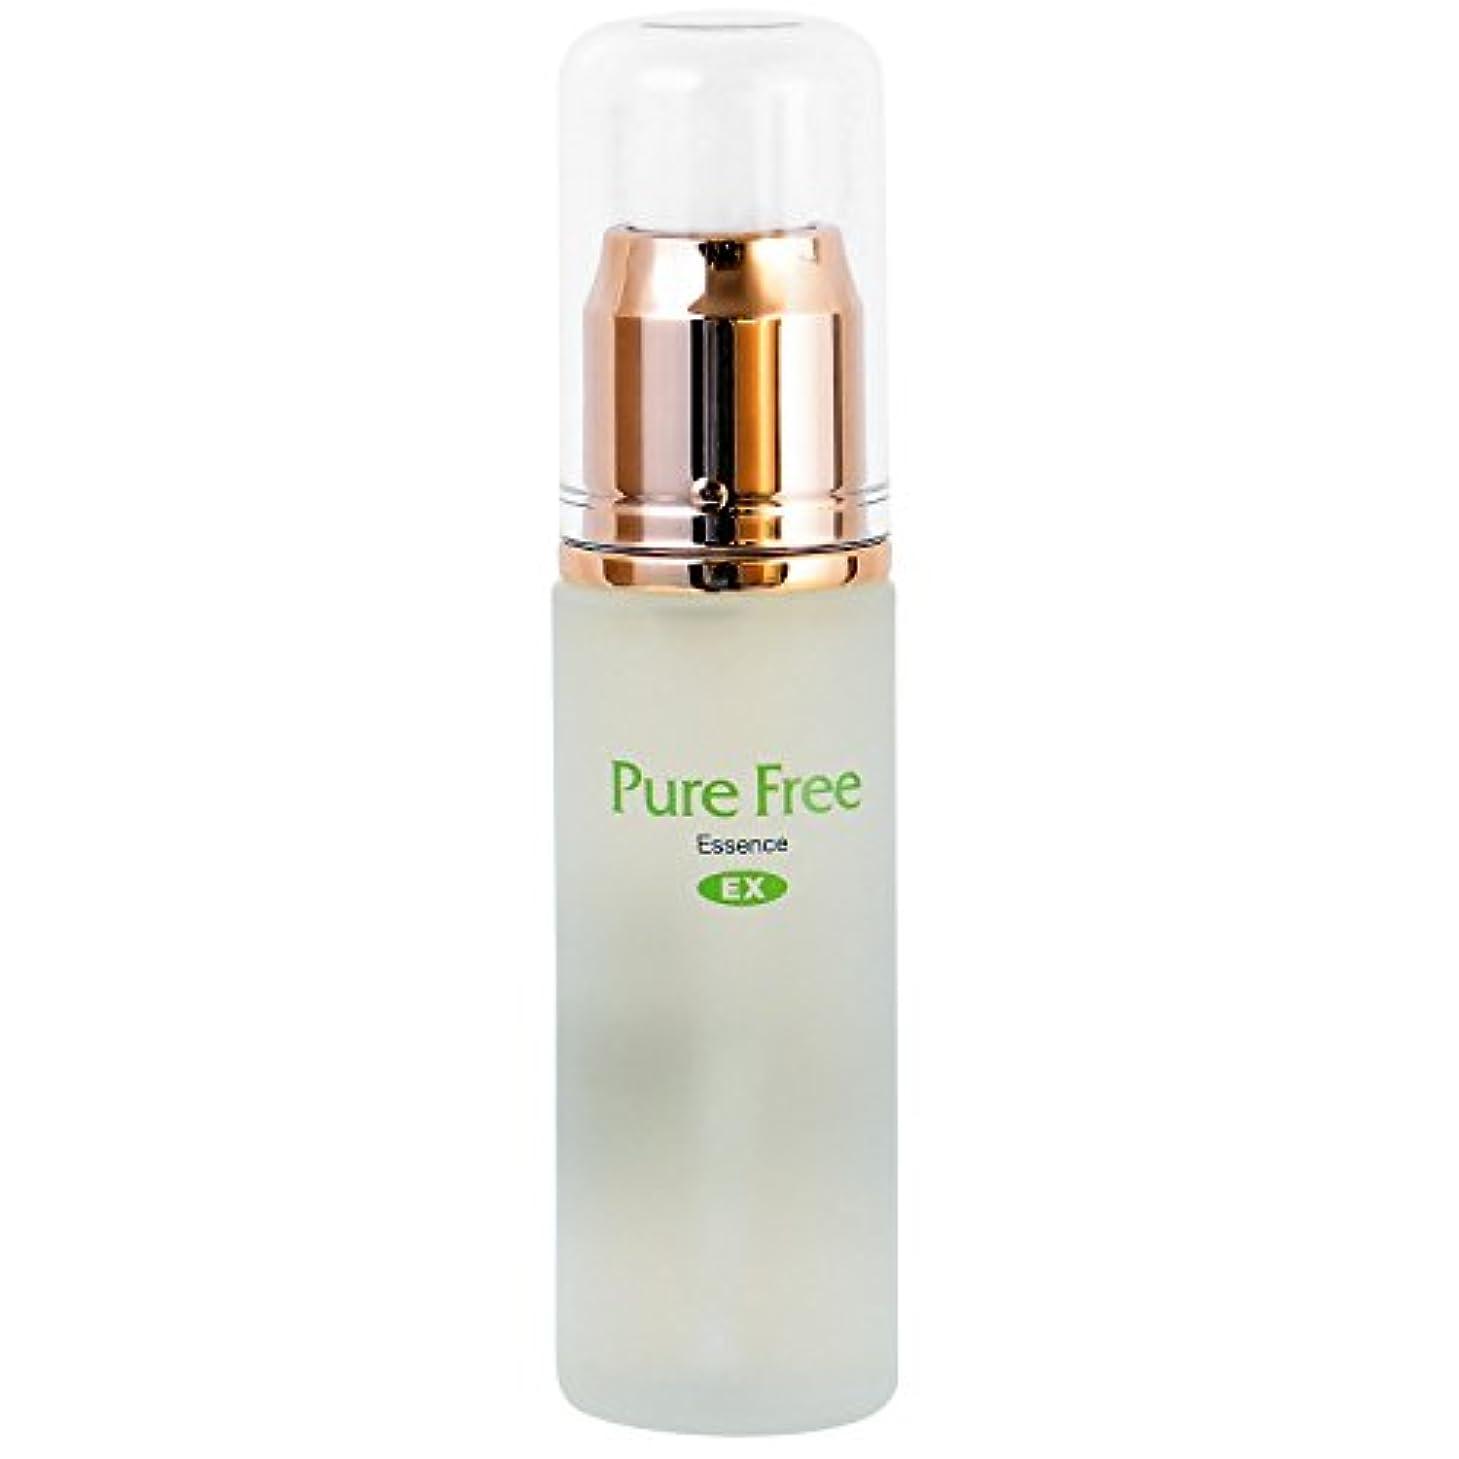 宿題不定心からPure Free (ピュアフリー) エッセンスEX オーガニック 正規品 美容液 (サンプル用意あり)